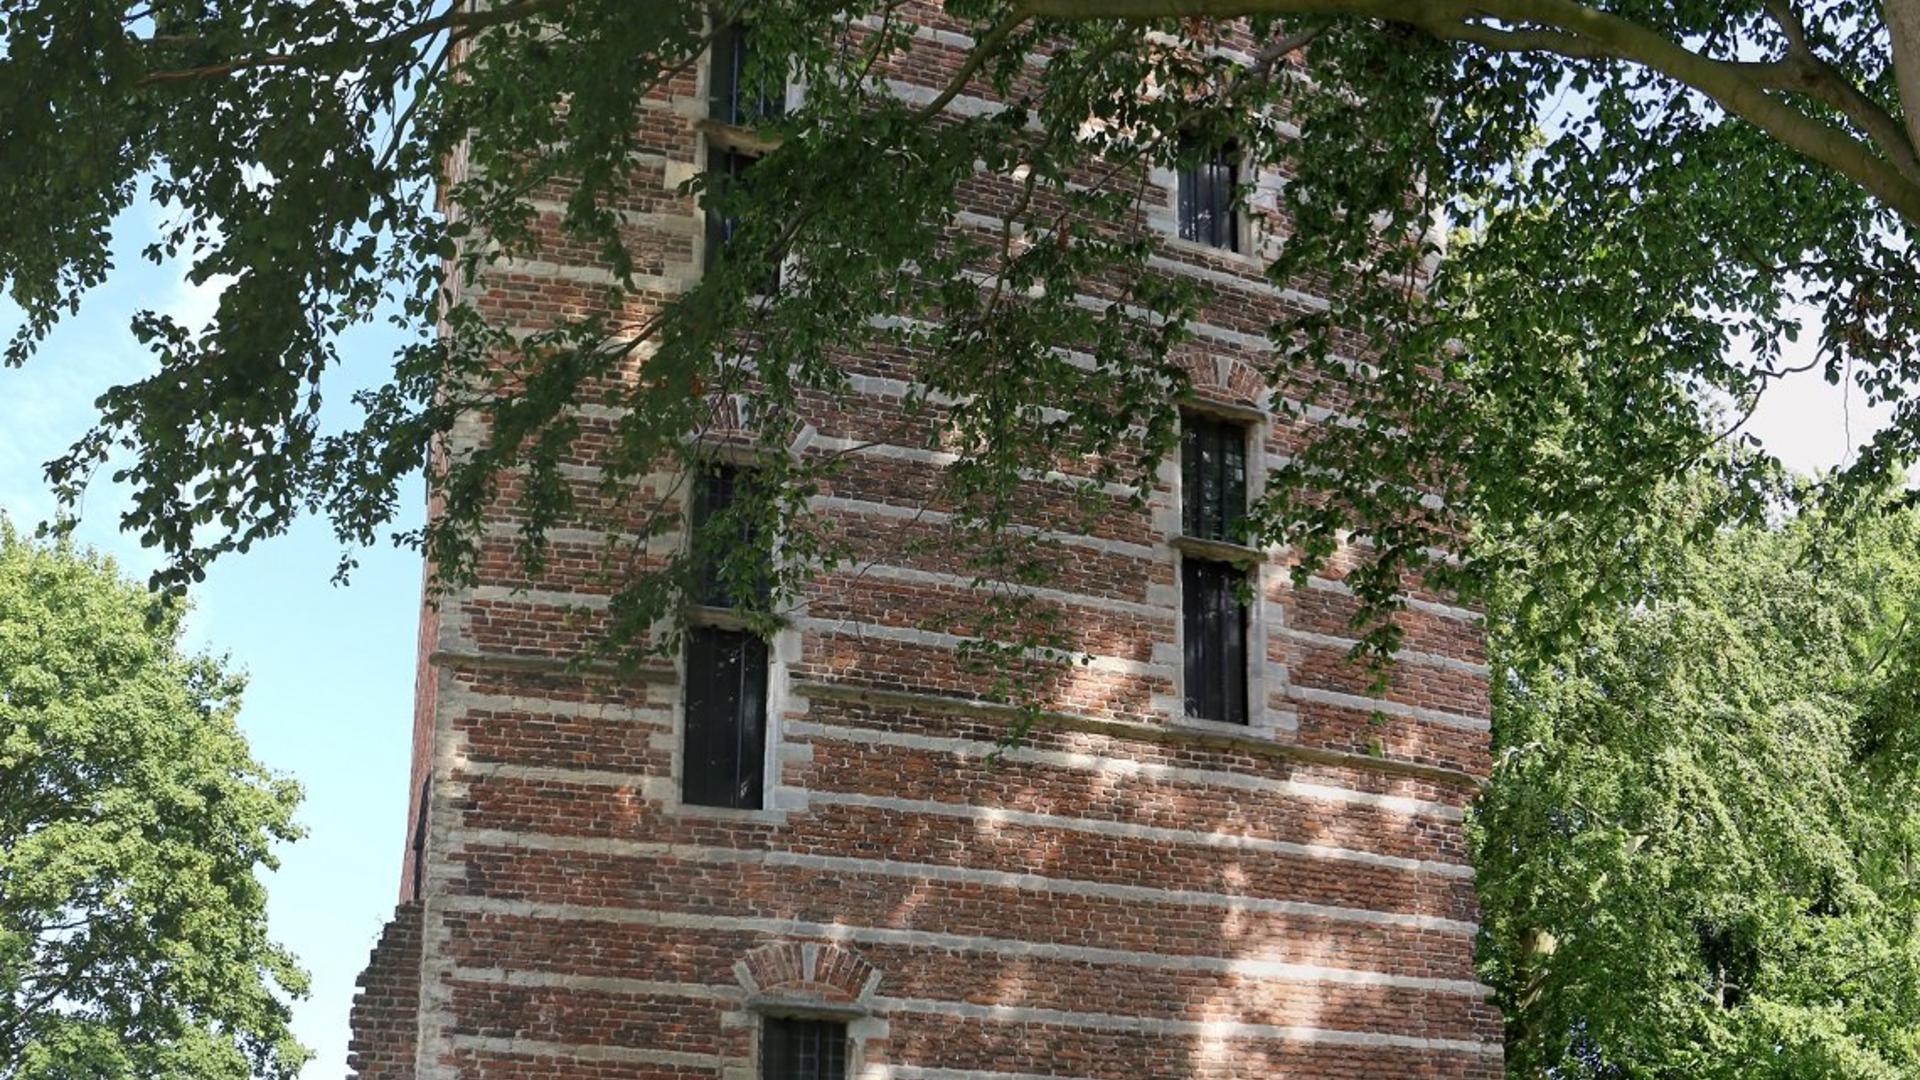 kasteeltoren2-ronald-molegraaf-1140p.jpg